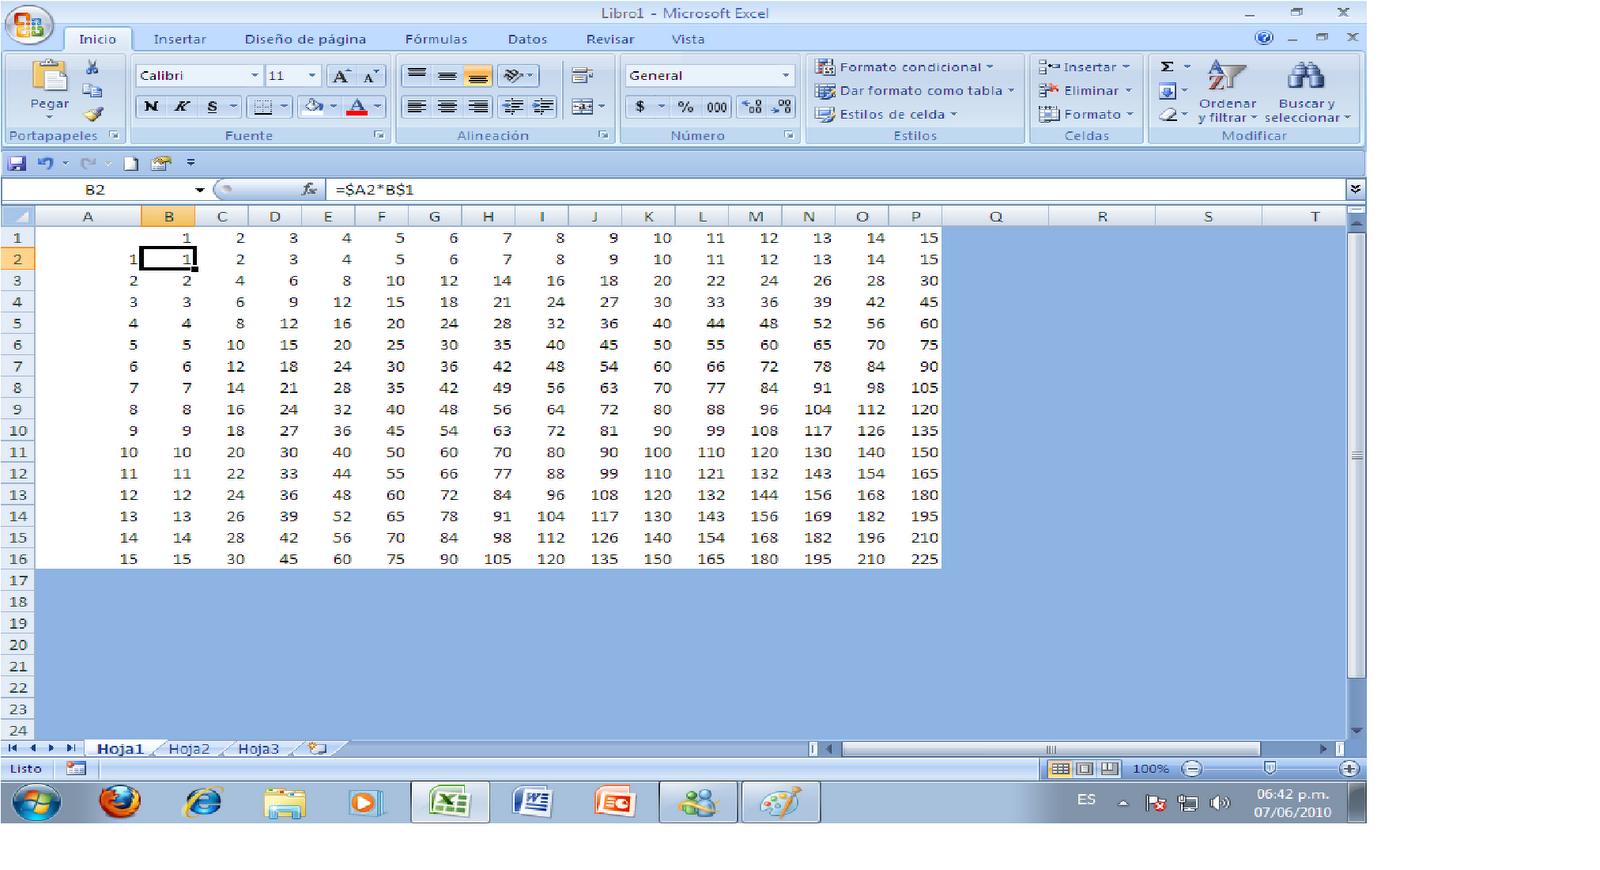 Temas sobre Informatica: Tablas de multiplicar en Excel.